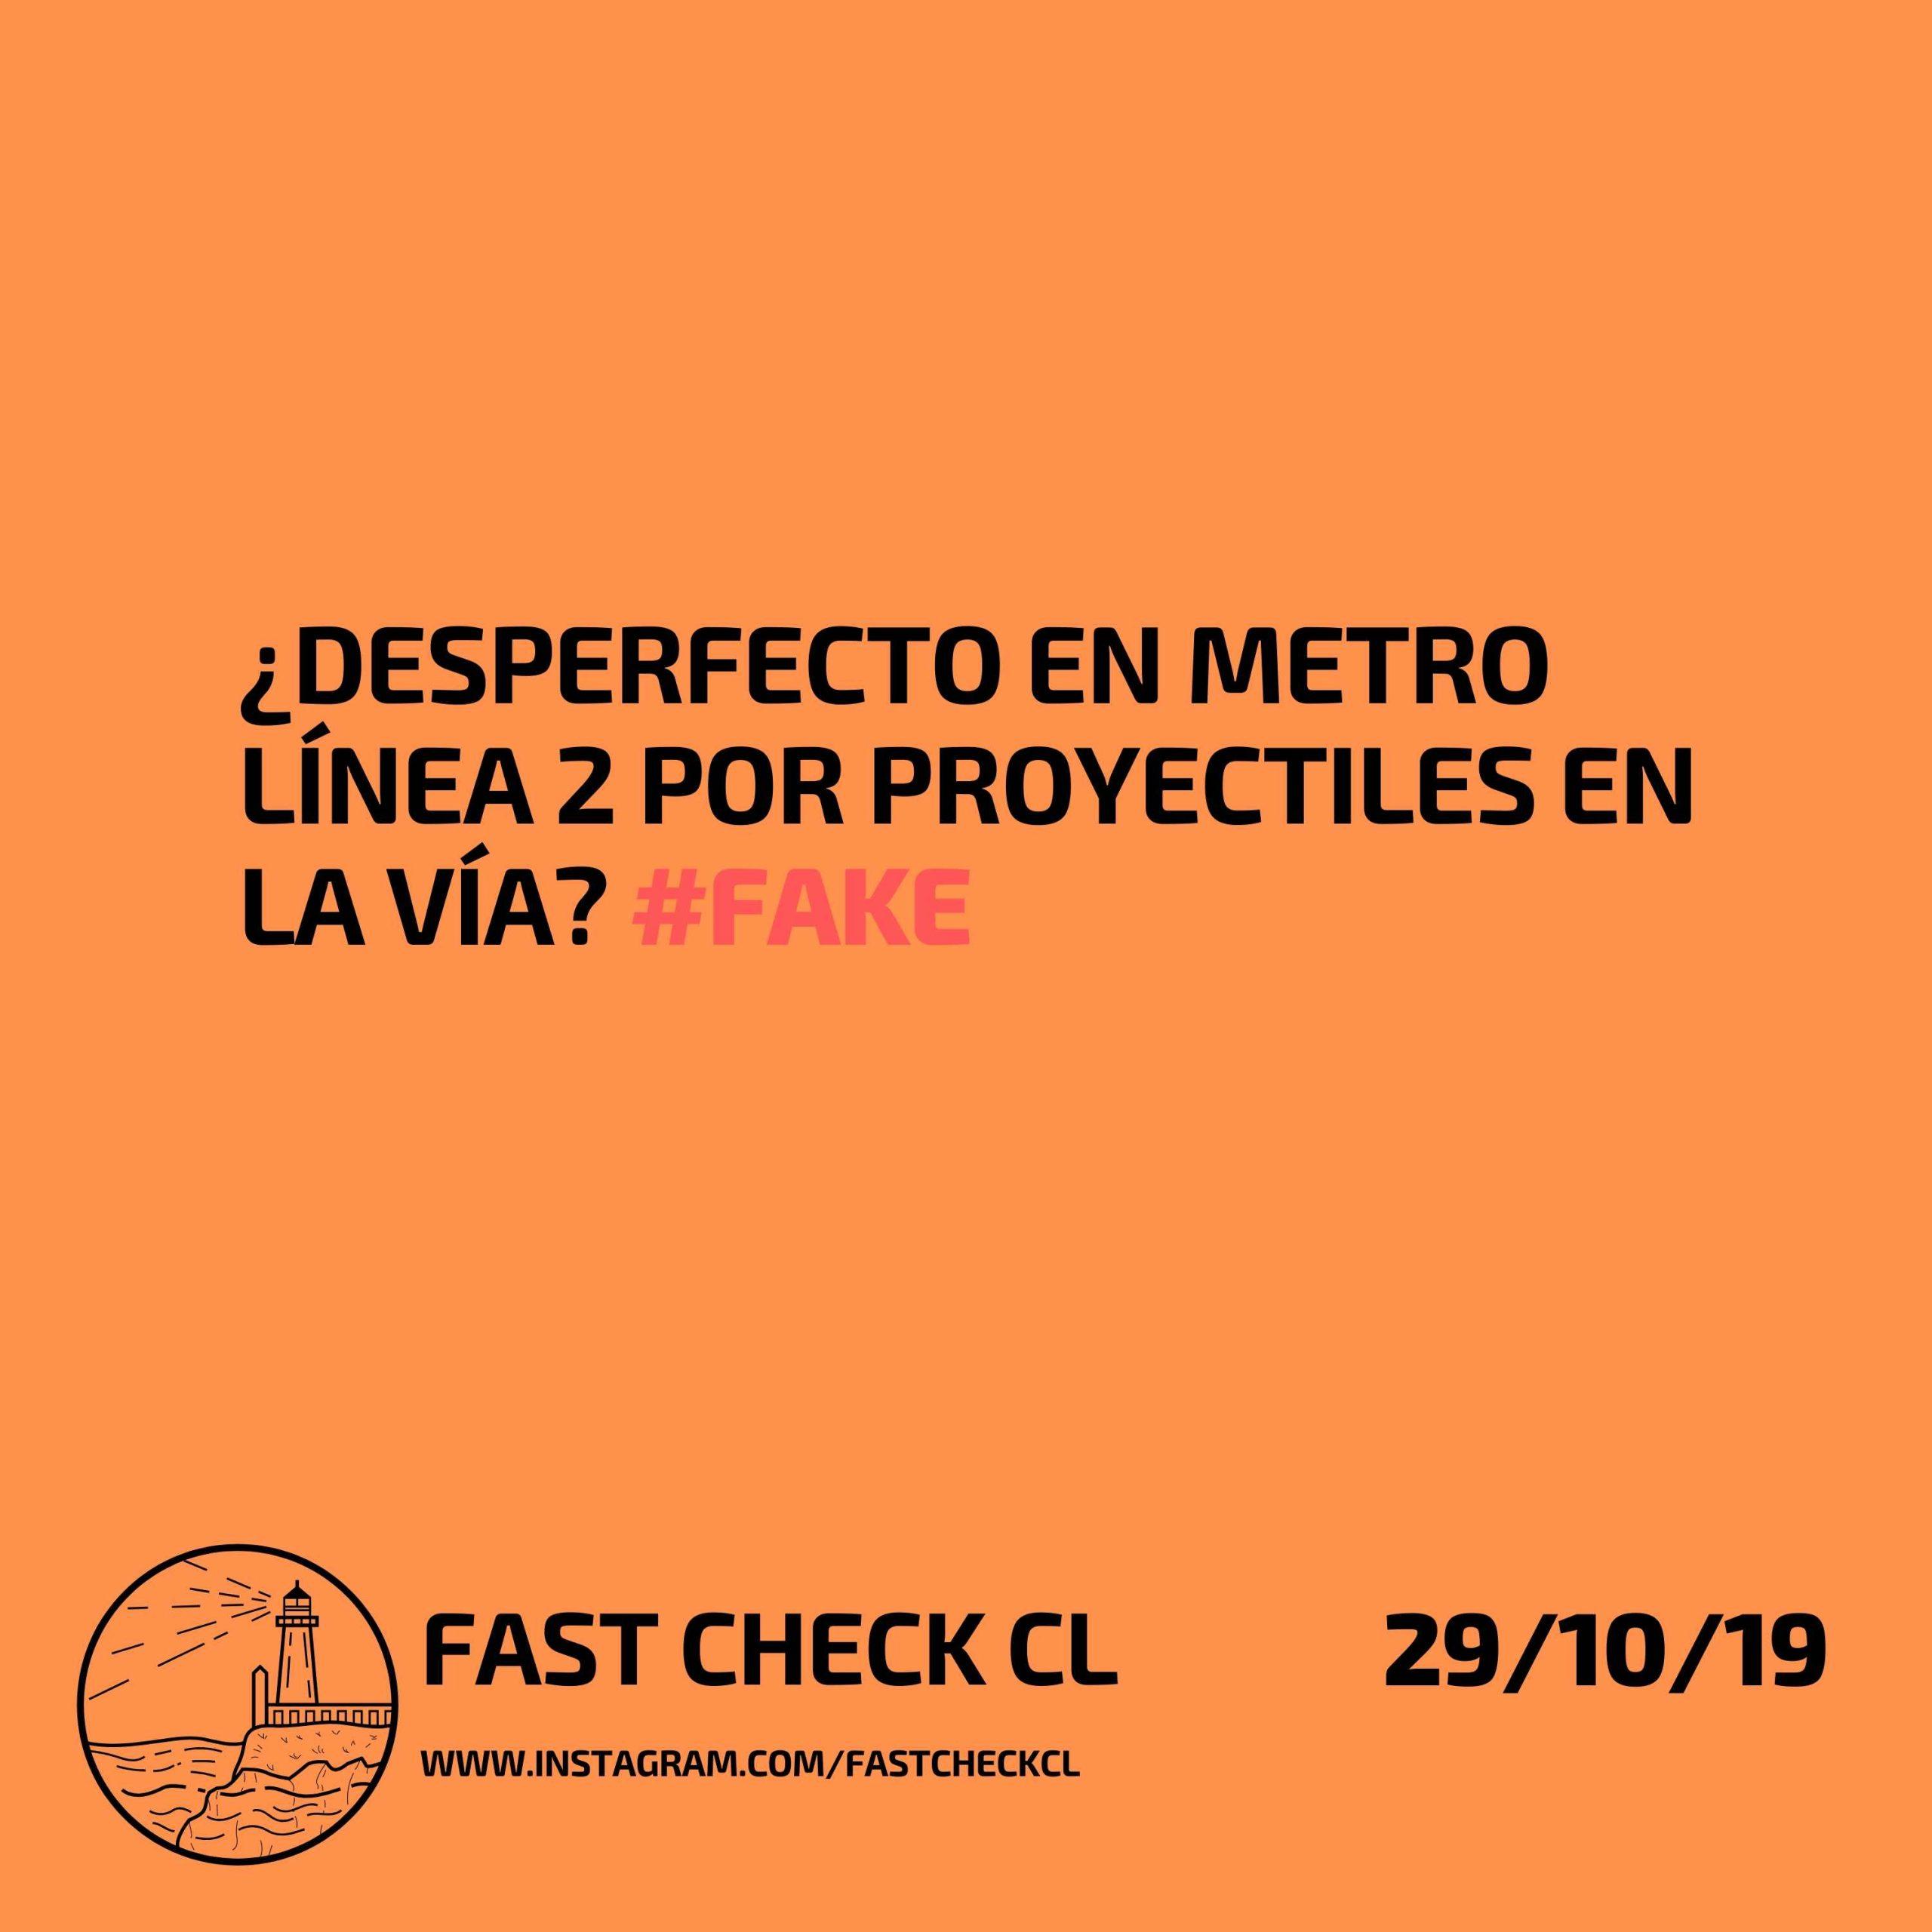 ¿Desperfecto en metro línea 2 por proyectiles en la vía? #Fake